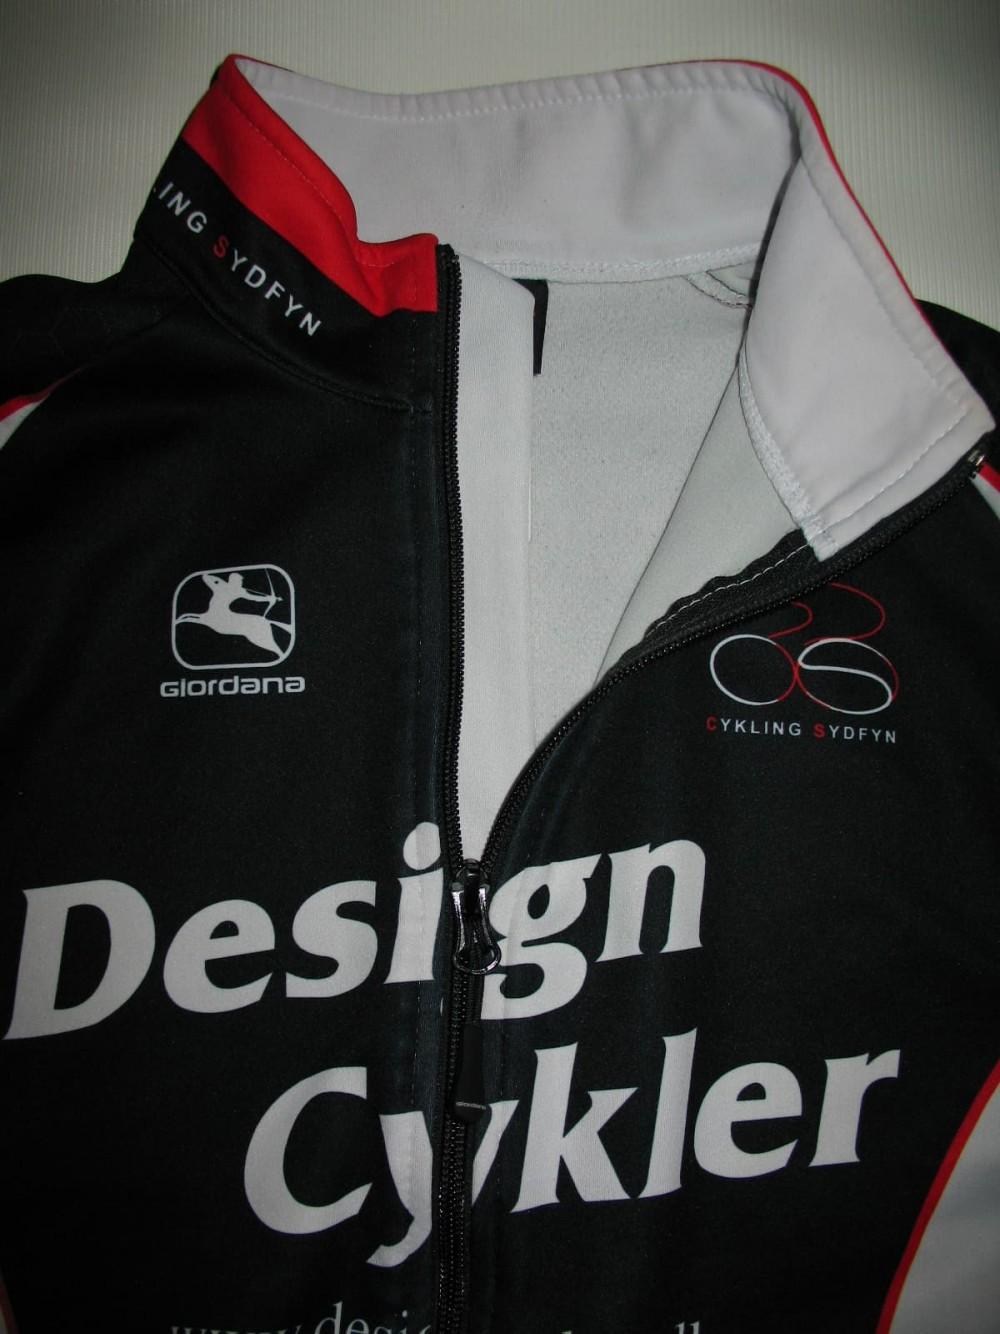 Велокуртка GIORDANA design cykler windtex bike jacket (размер M-3-48) - 2